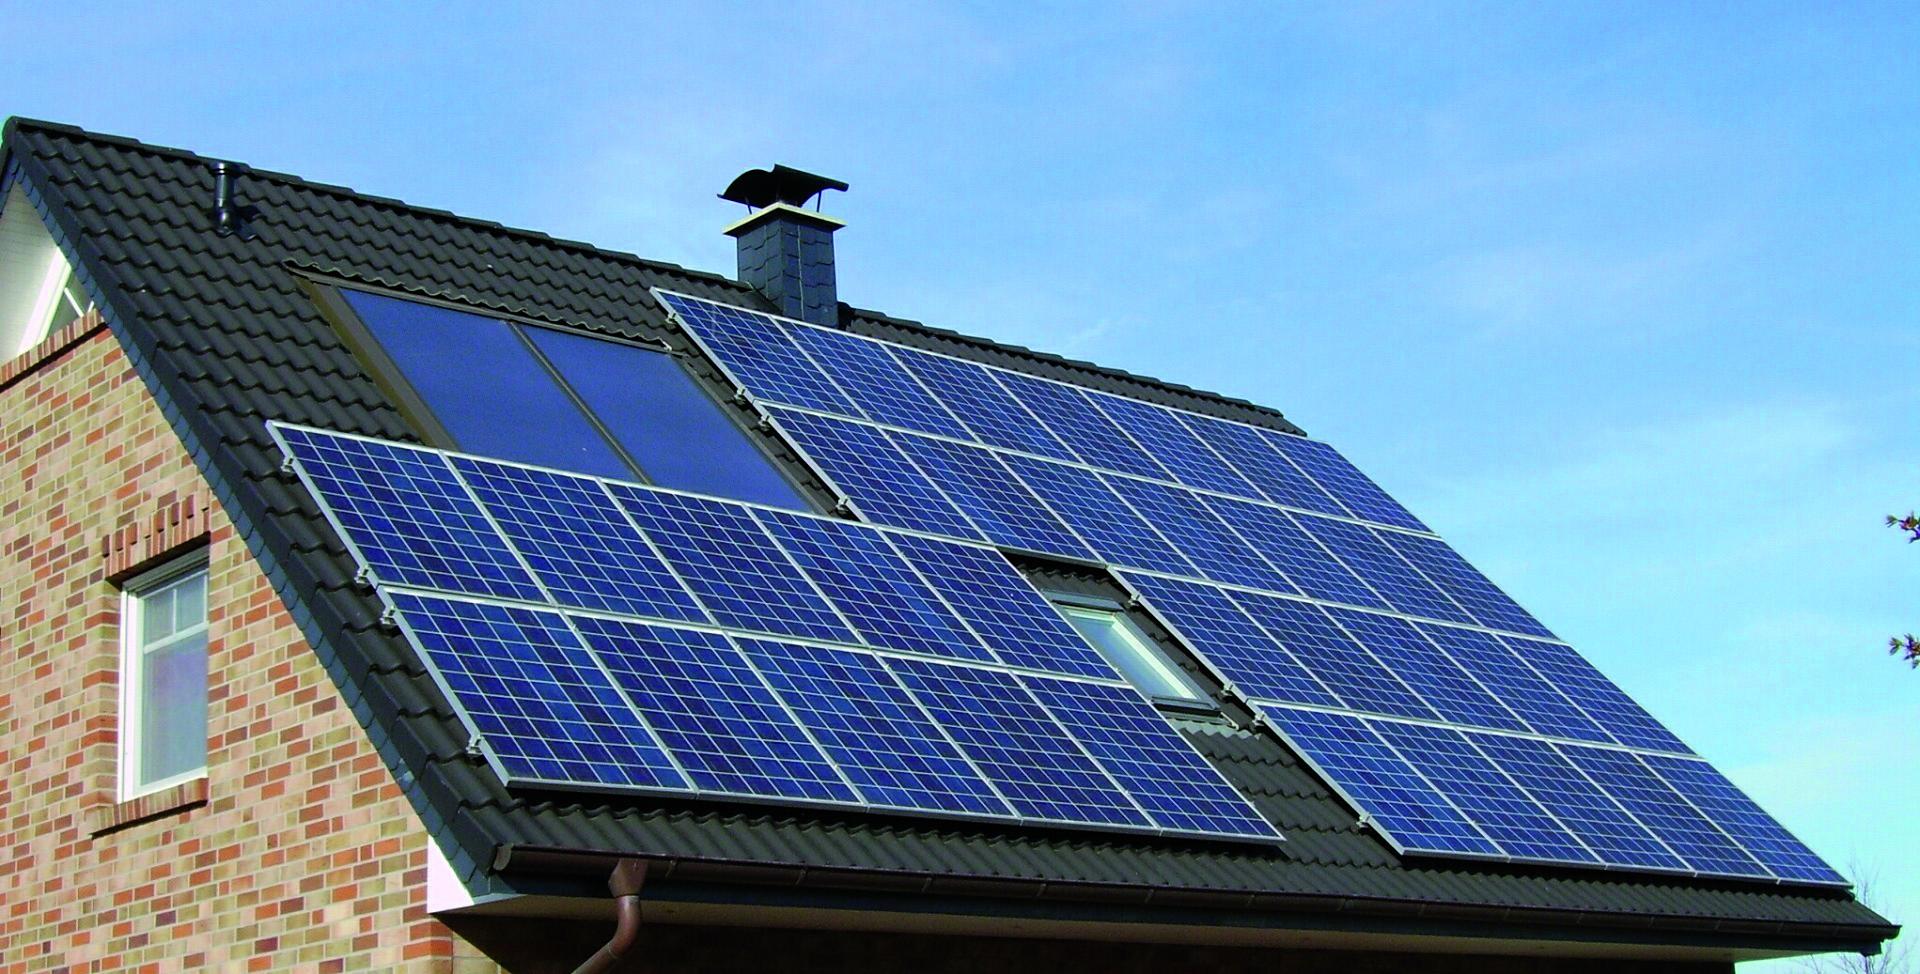 Bürgerdialog Energiewende – Photovoltaik lohnt sich